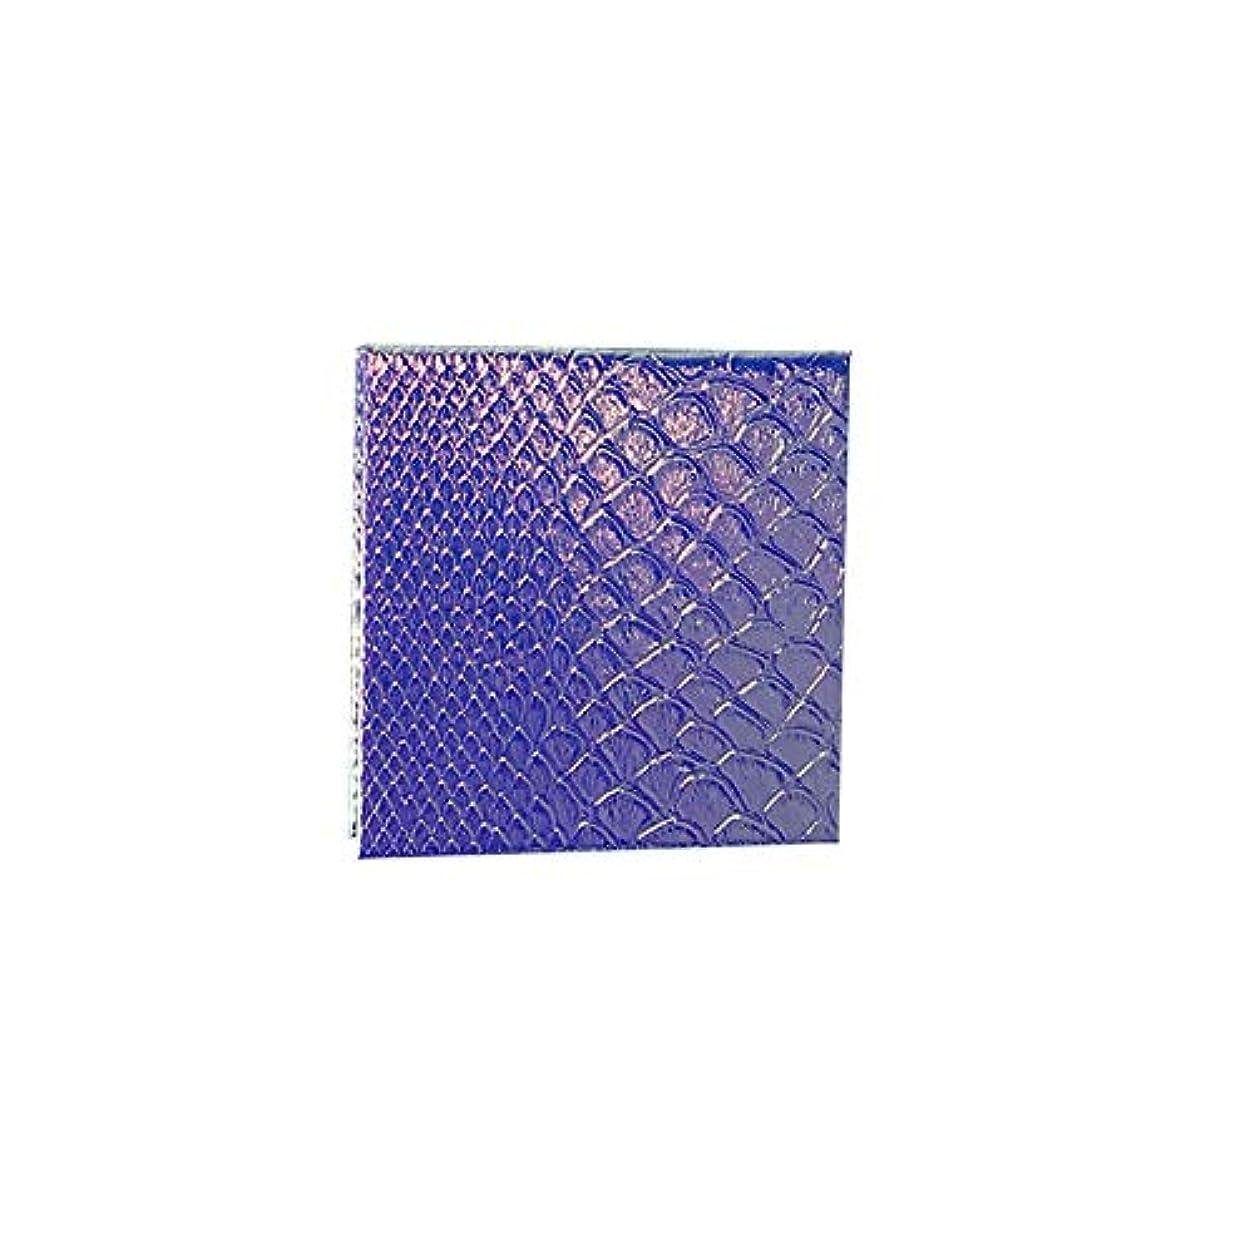 スキル消防士メナジェリー空の化粧アイシャドーパレット磁気空パレット接着剤空のパレット金属ステッカー空のパレットキット(S)